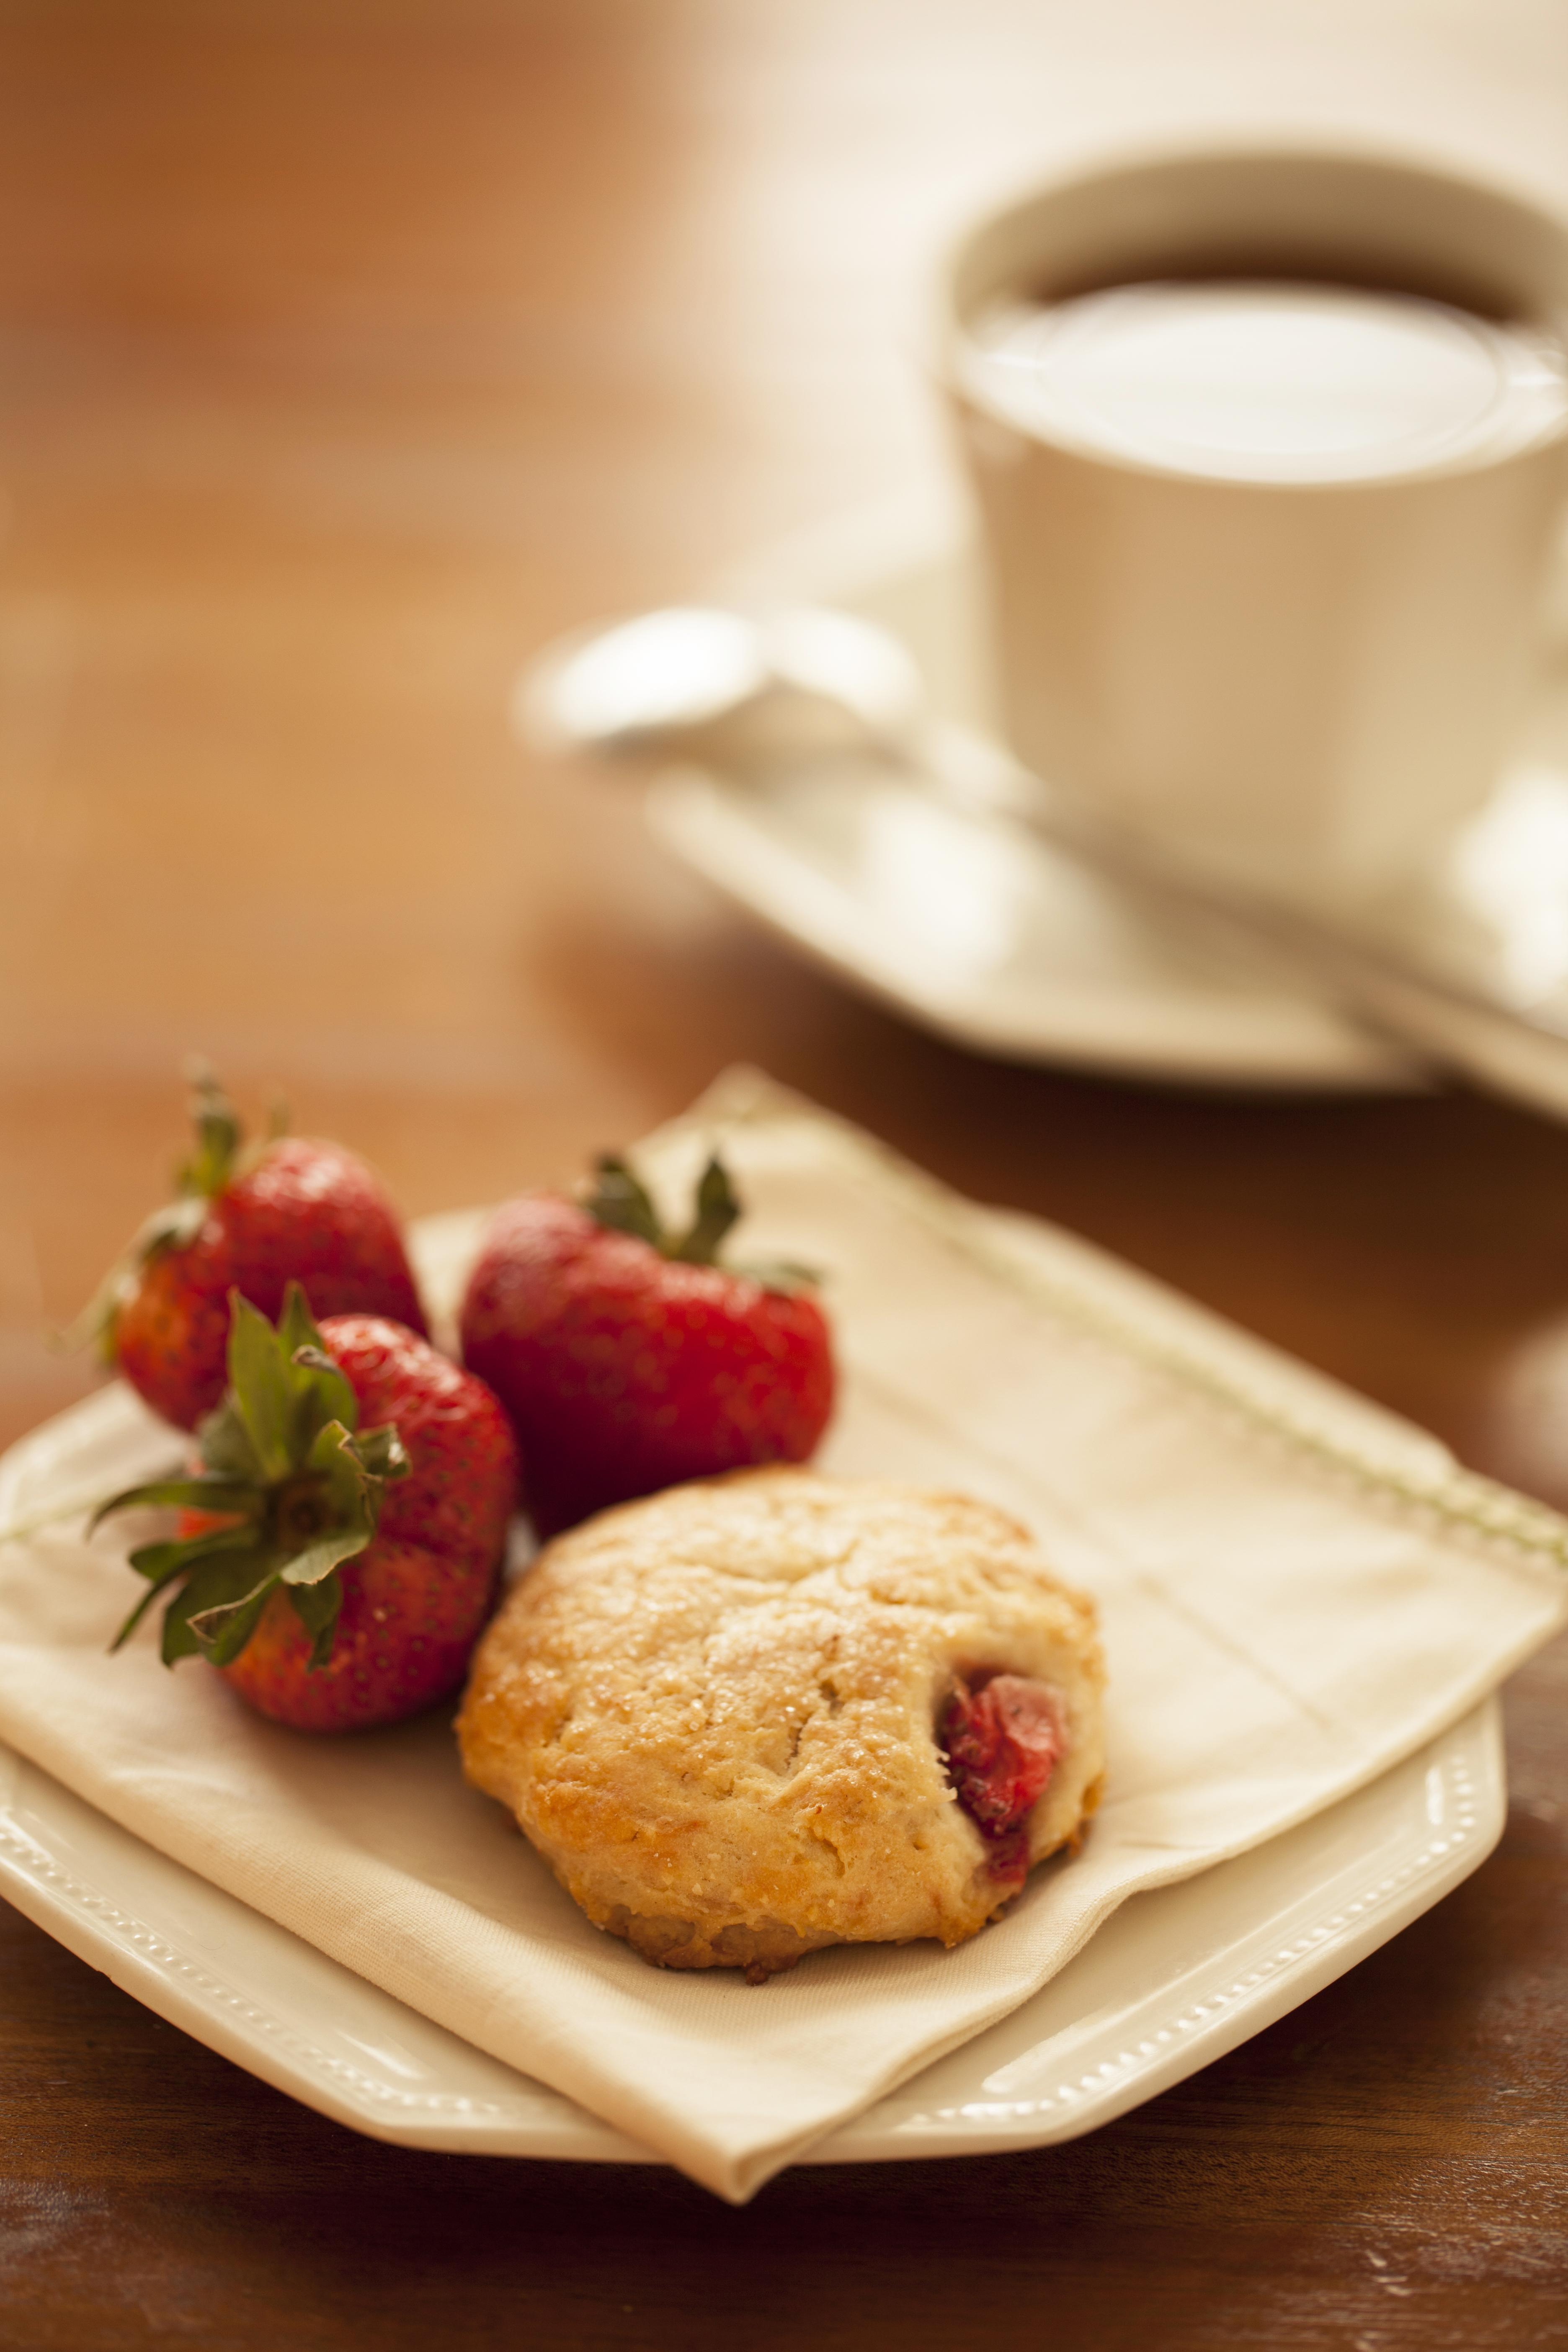 Strawberry cream scone and tea